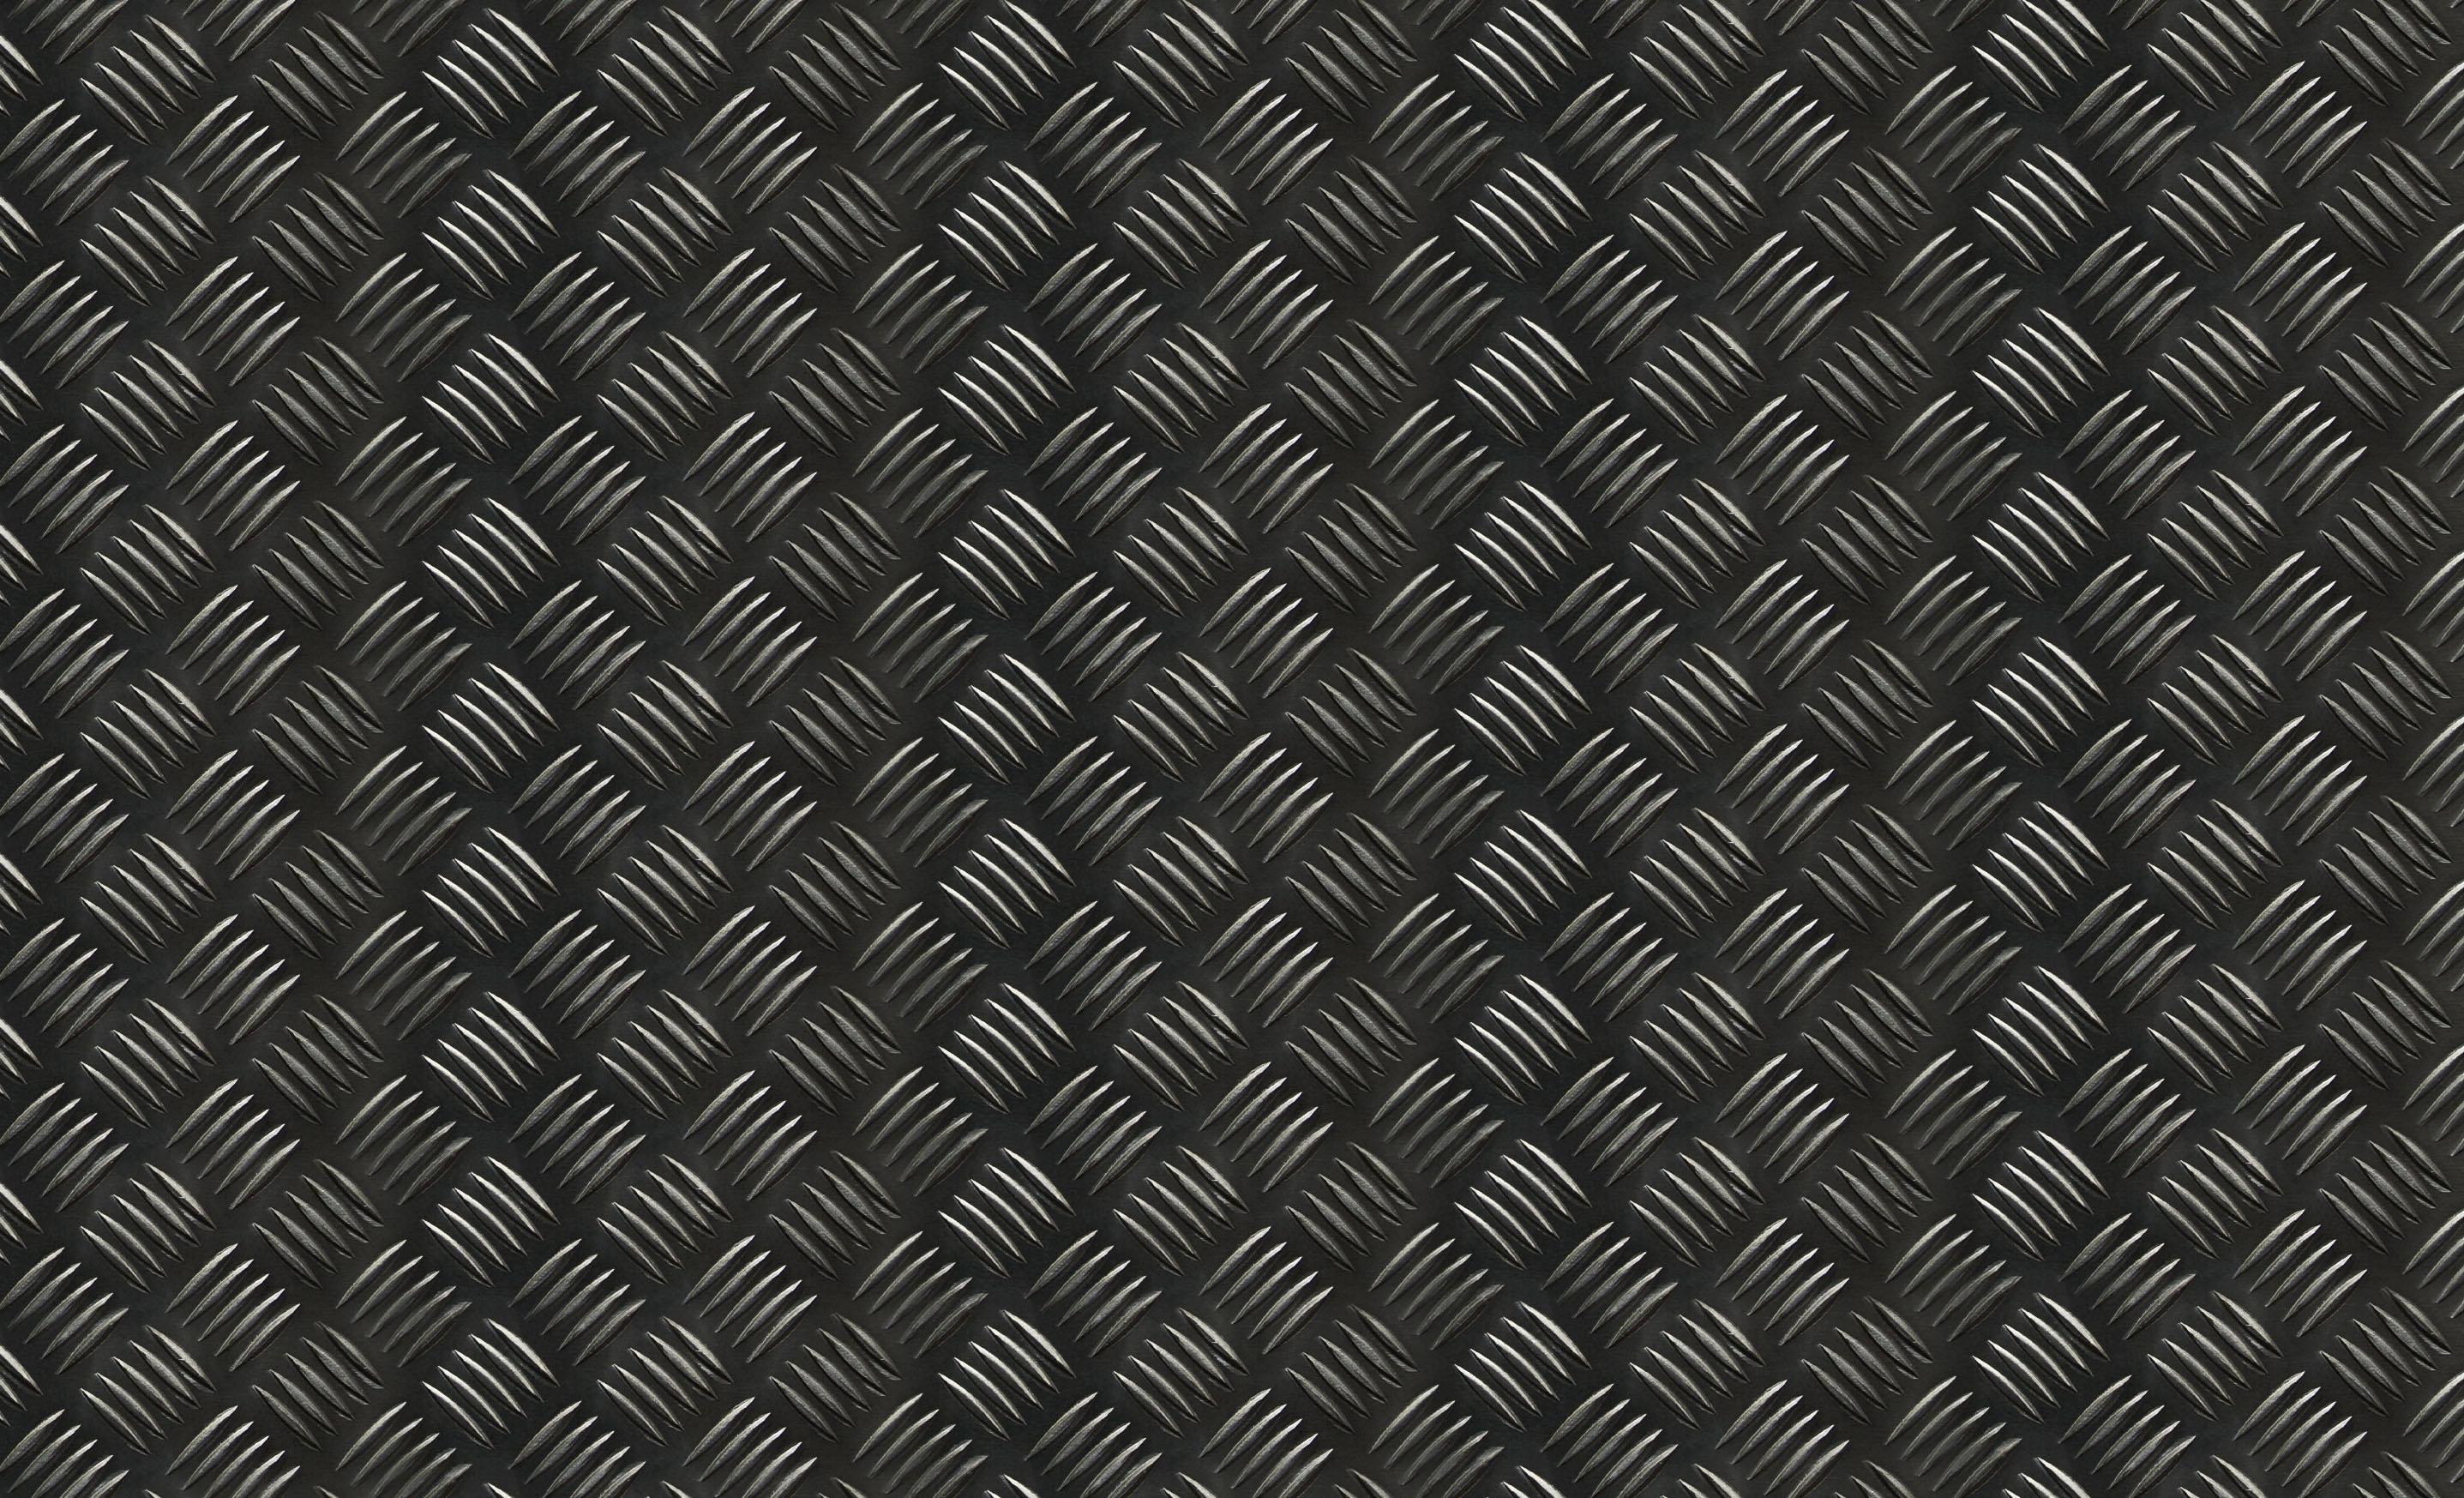 Best Sheet Fabric Letras Con Texturas En Photoshop Cursos Marketing Digital